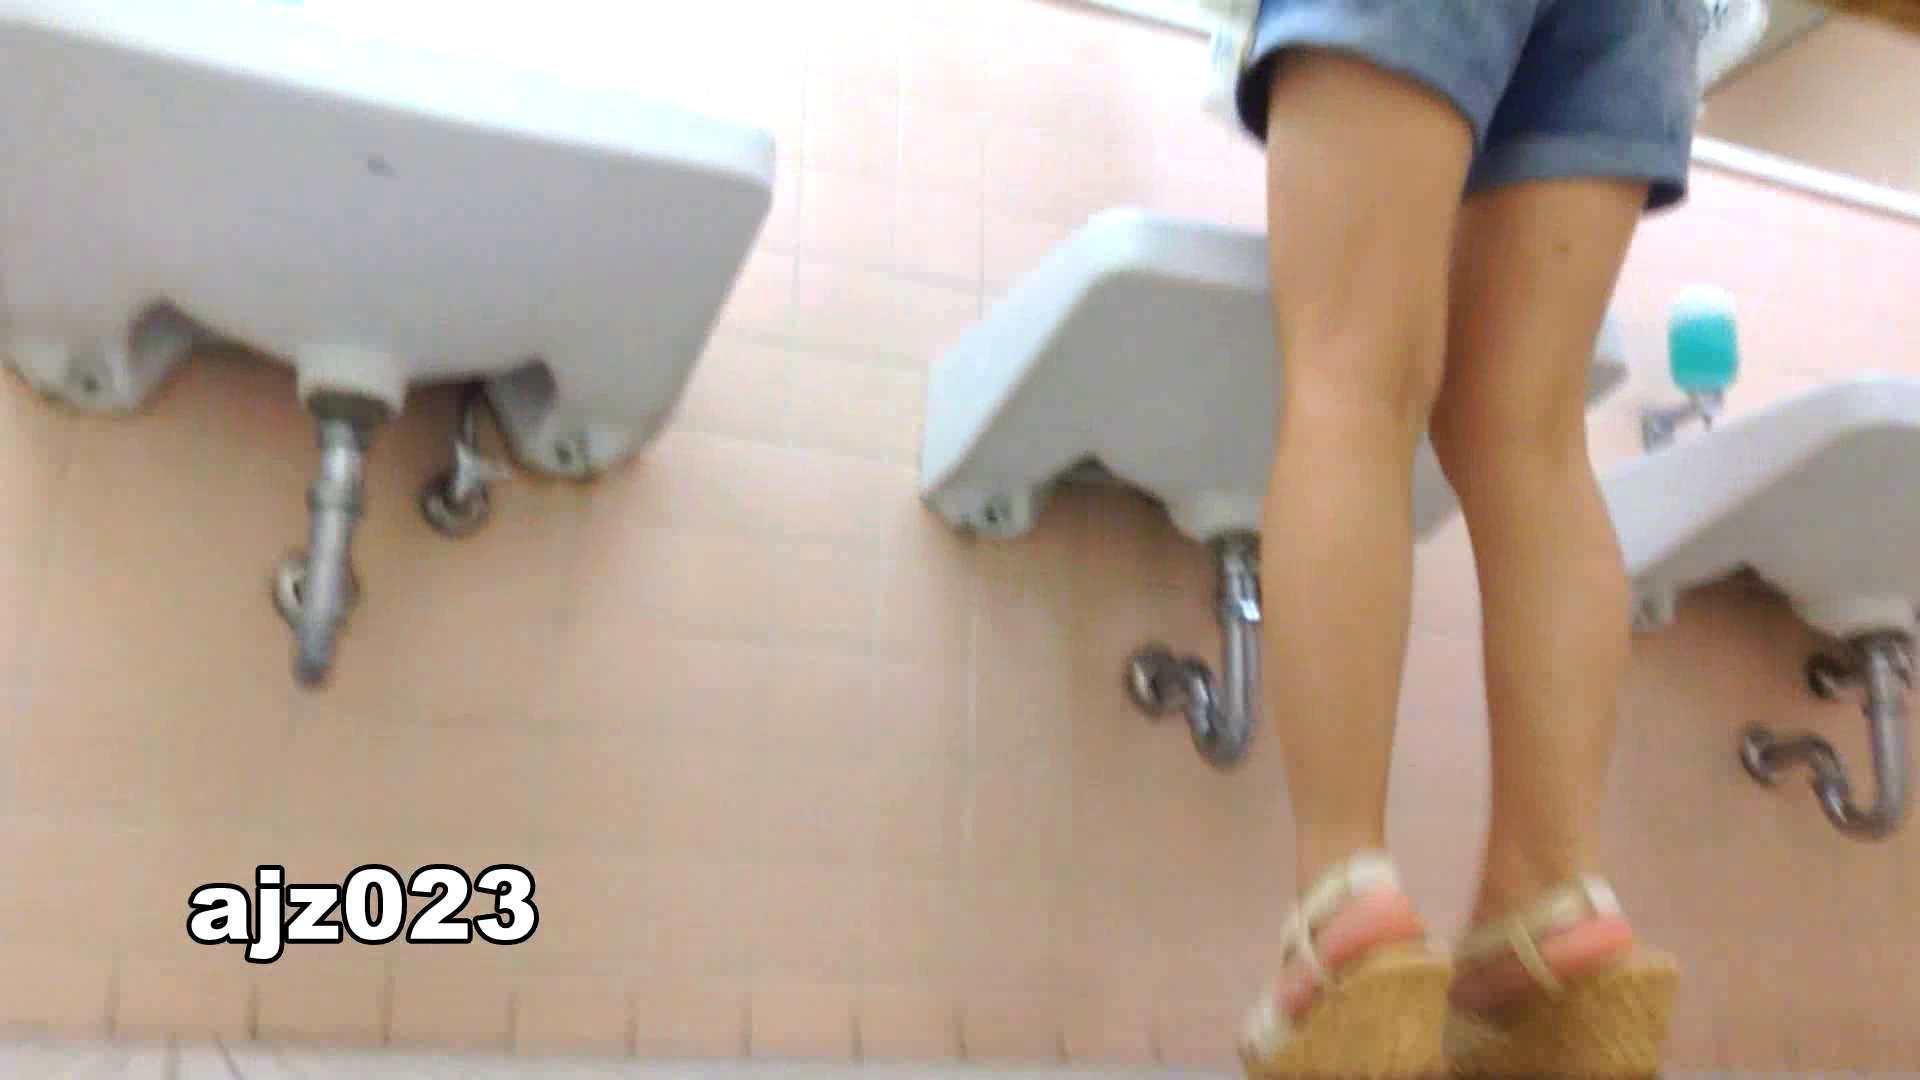 某有名大学女性洗面所 vol.23 洗面所 | HなOL  98pic 7